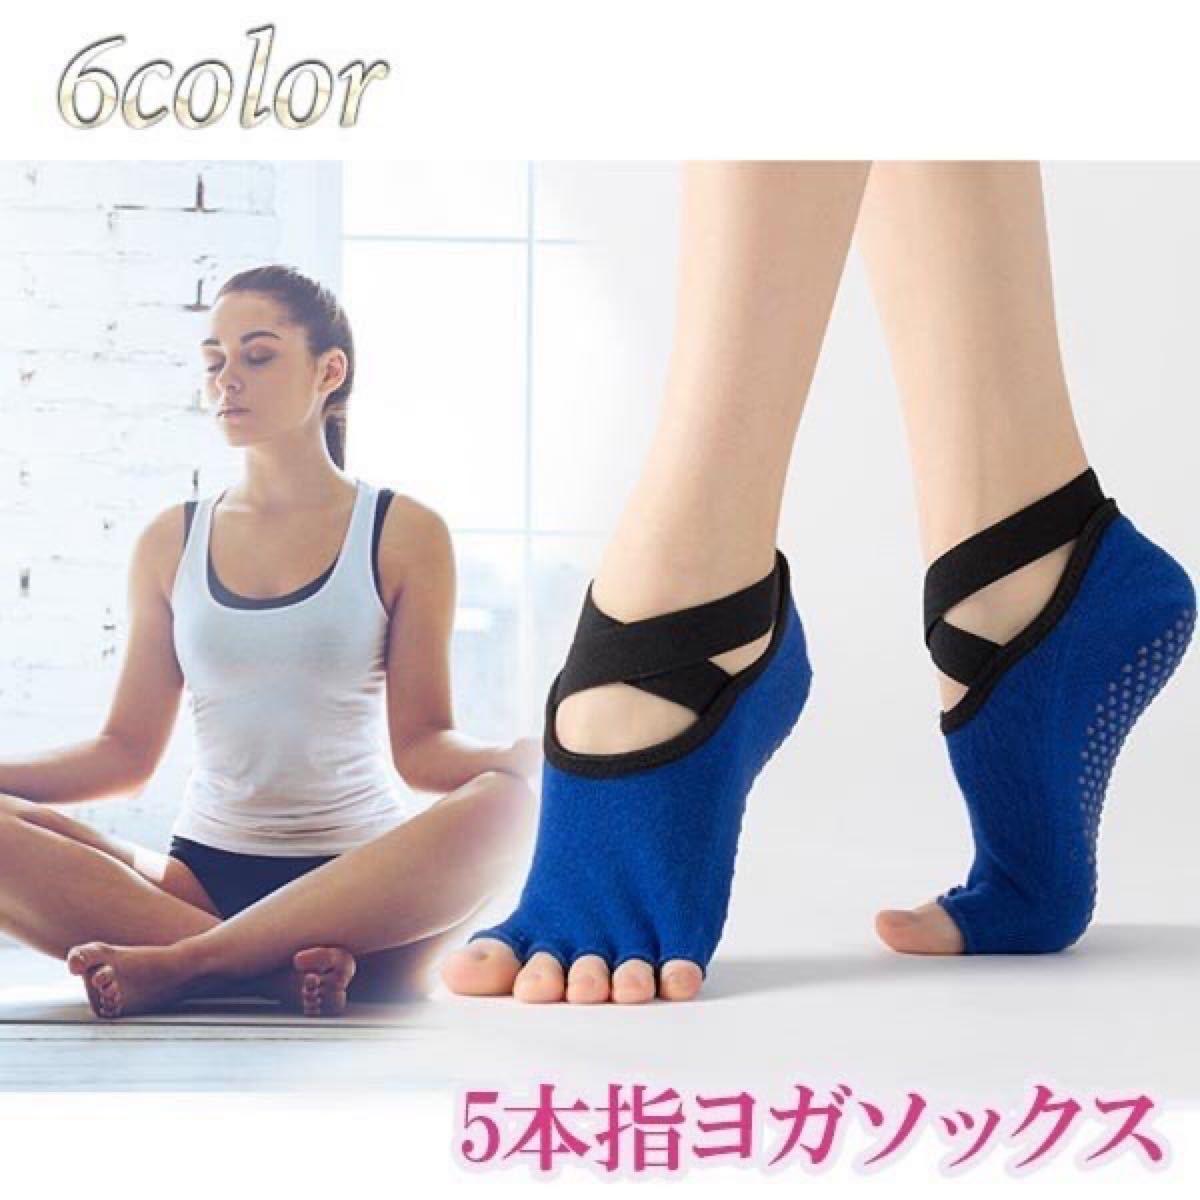 【2足】レディース ヨガソックス ヨガ靴下 クロスバンド 滑り止め 指 浅履き